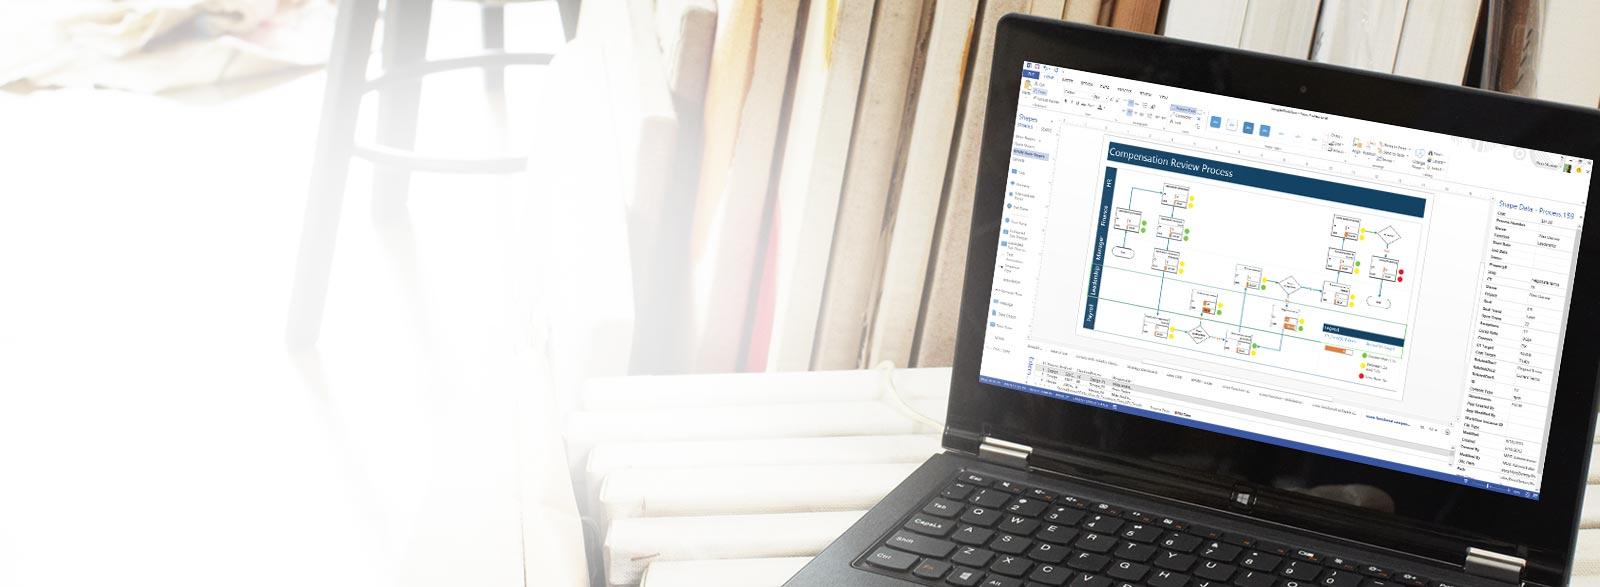 Visio Pro for Office 365 उपयोग करते हुए दिखाई दे रहा लैपटॉप.